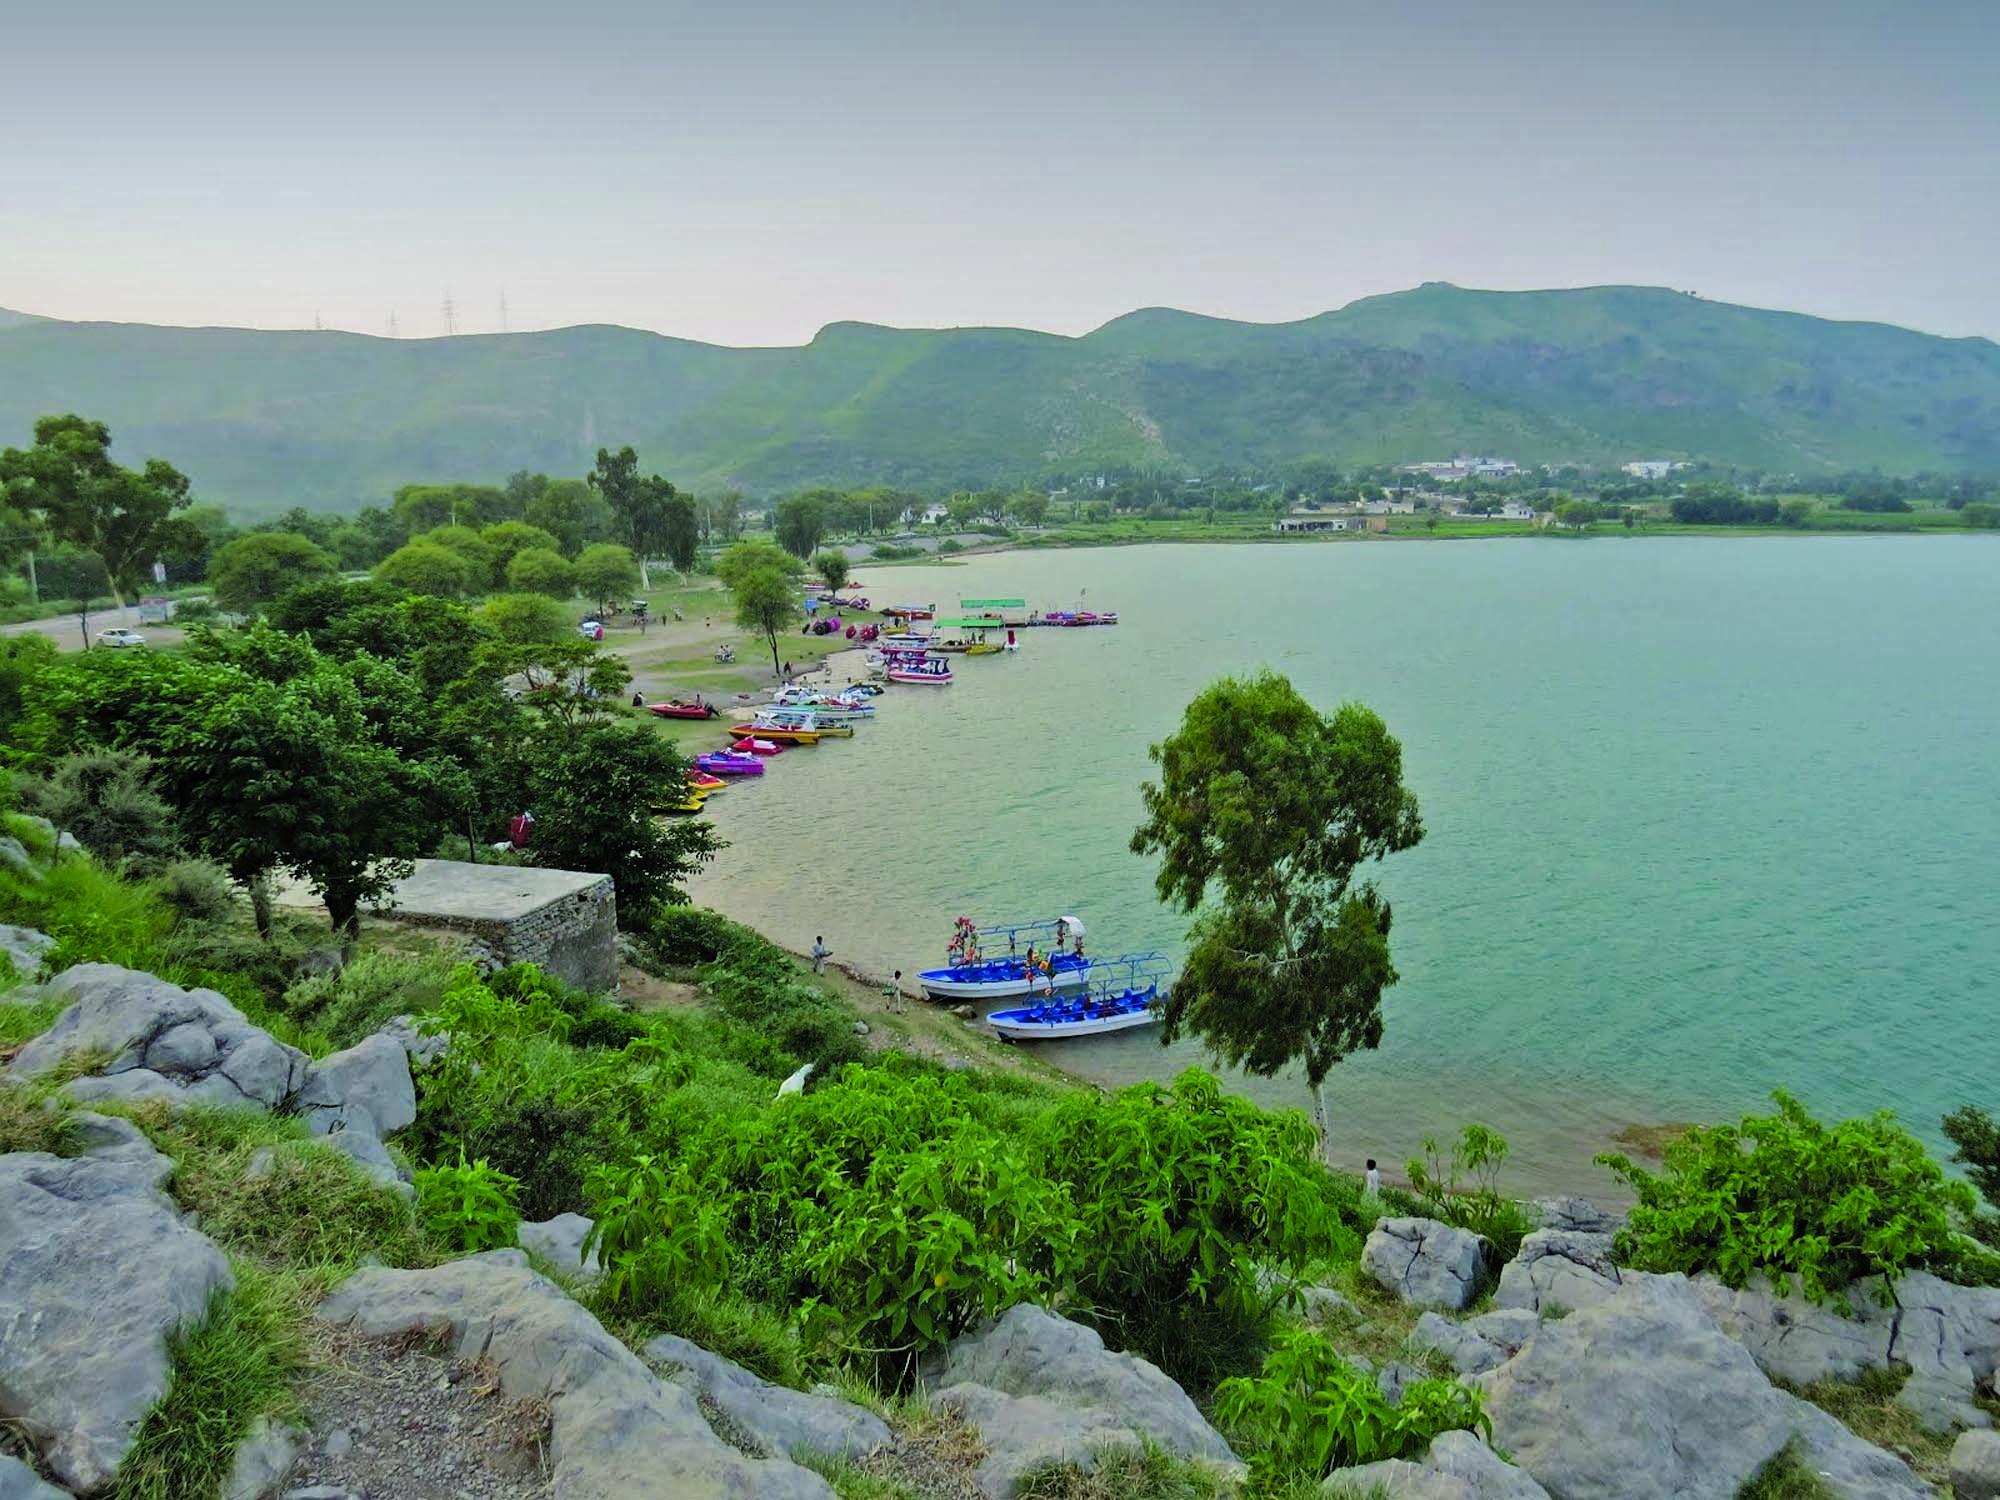 Khanpur Lake